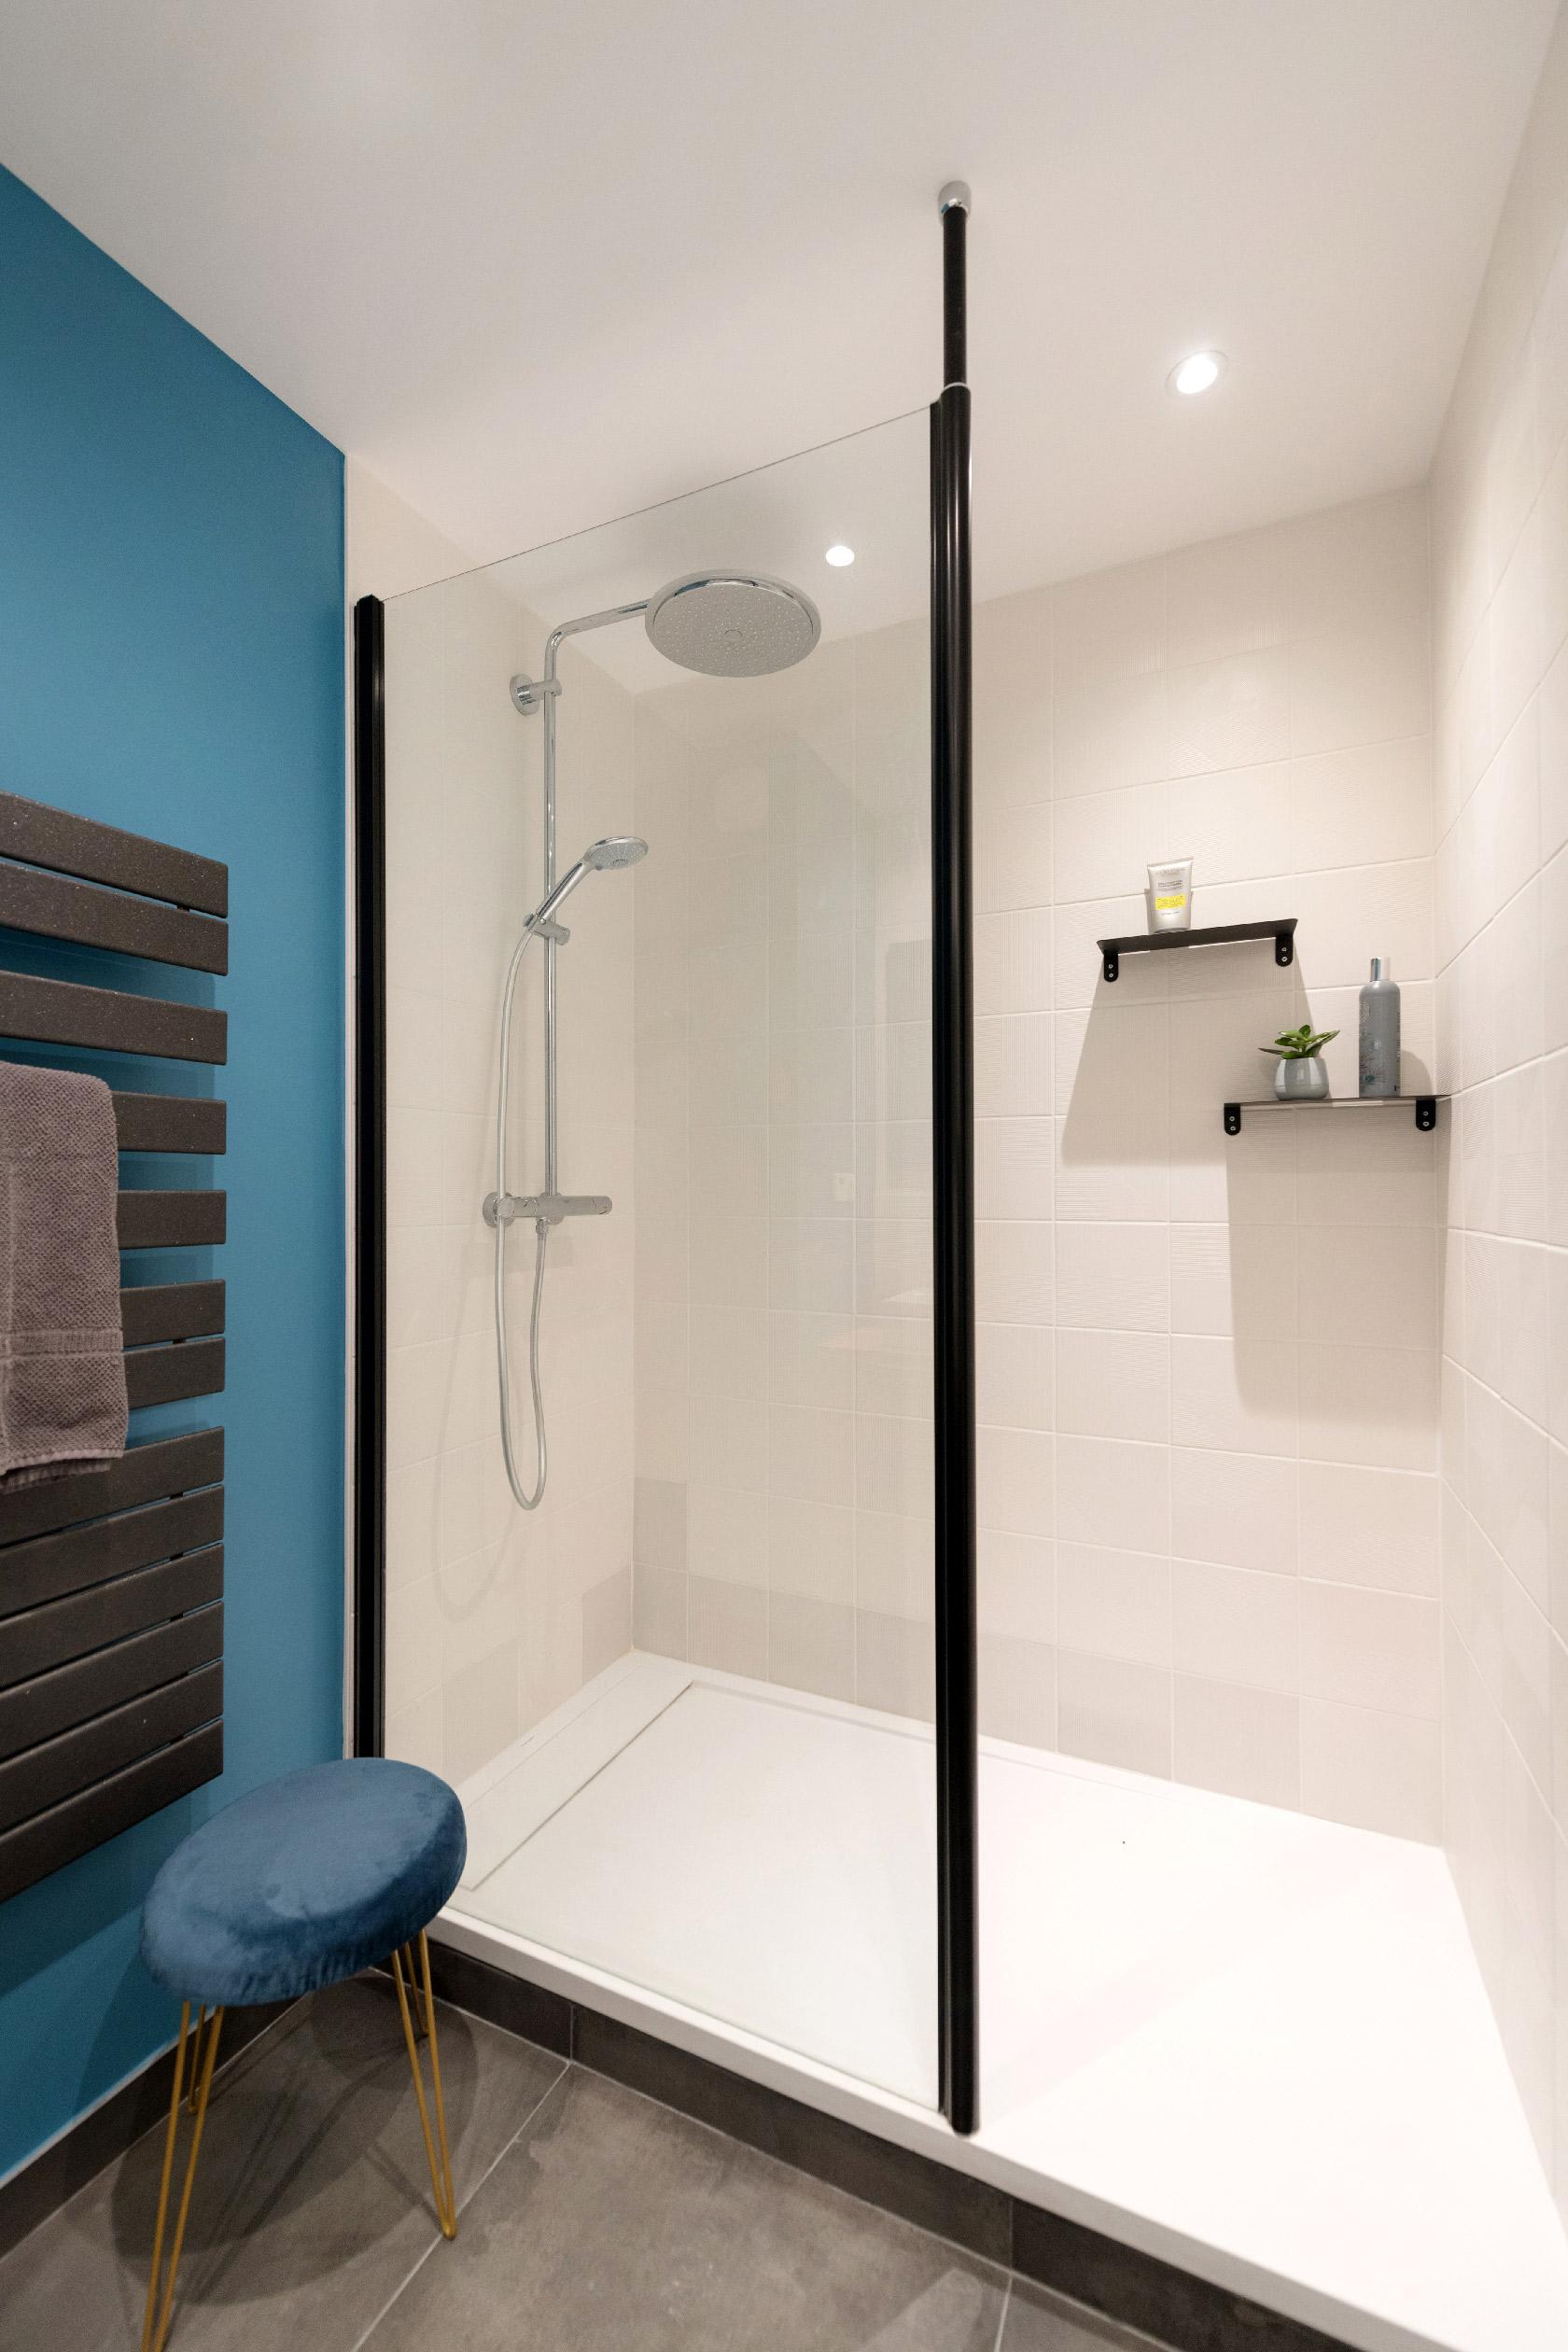 Une salle de douche contemporaine avec un mur bleu, un sèche serviette anthracite, un carrelage blanc et un part douche au cadre noir.